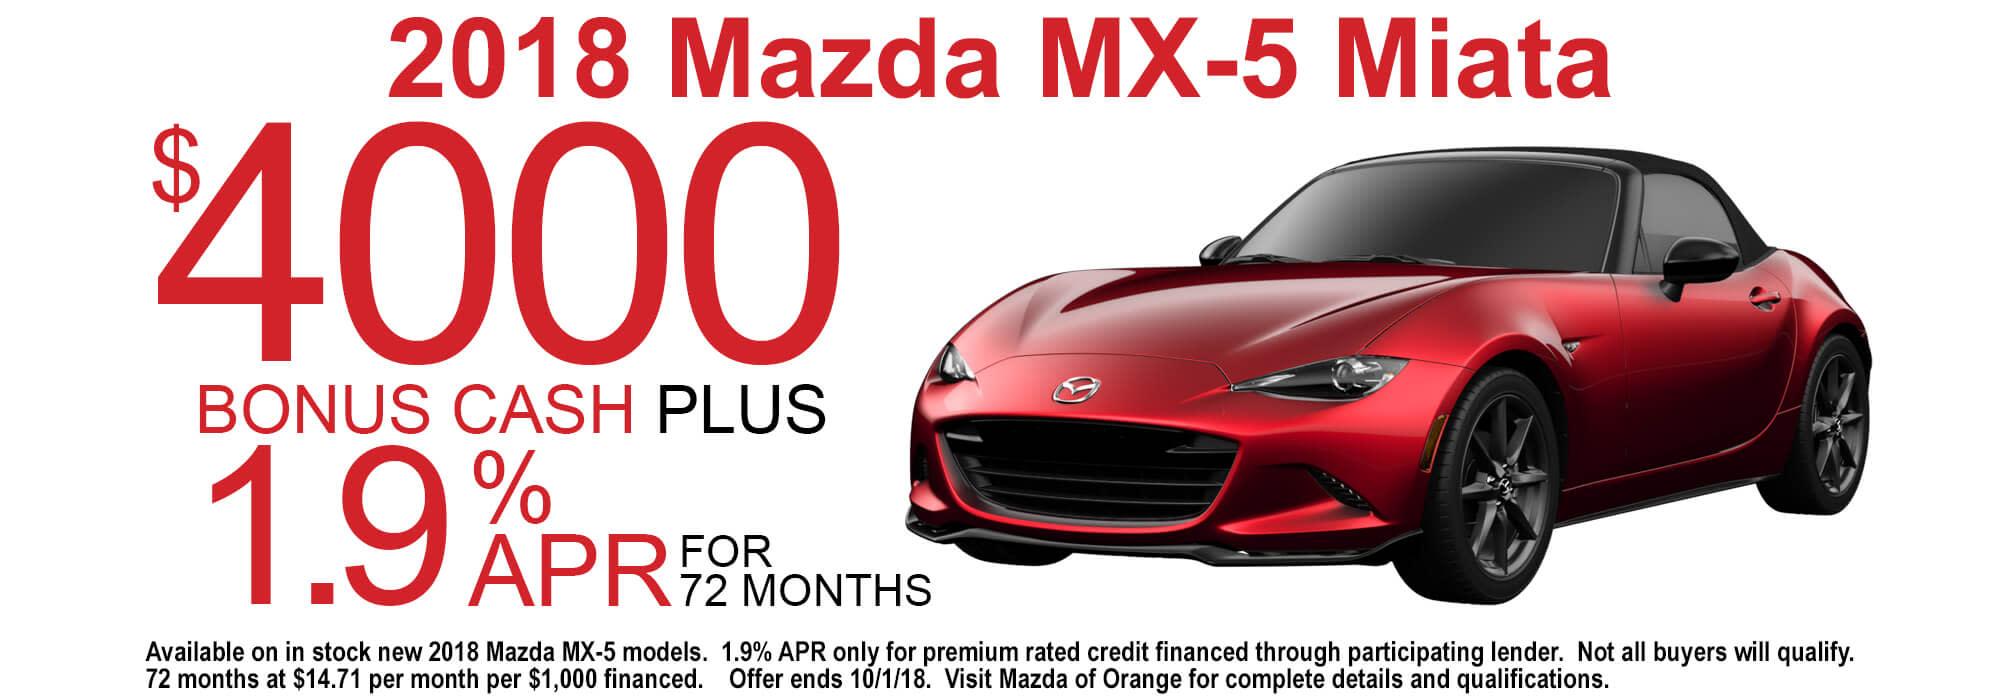 2018 Mazda Miata Special Offer